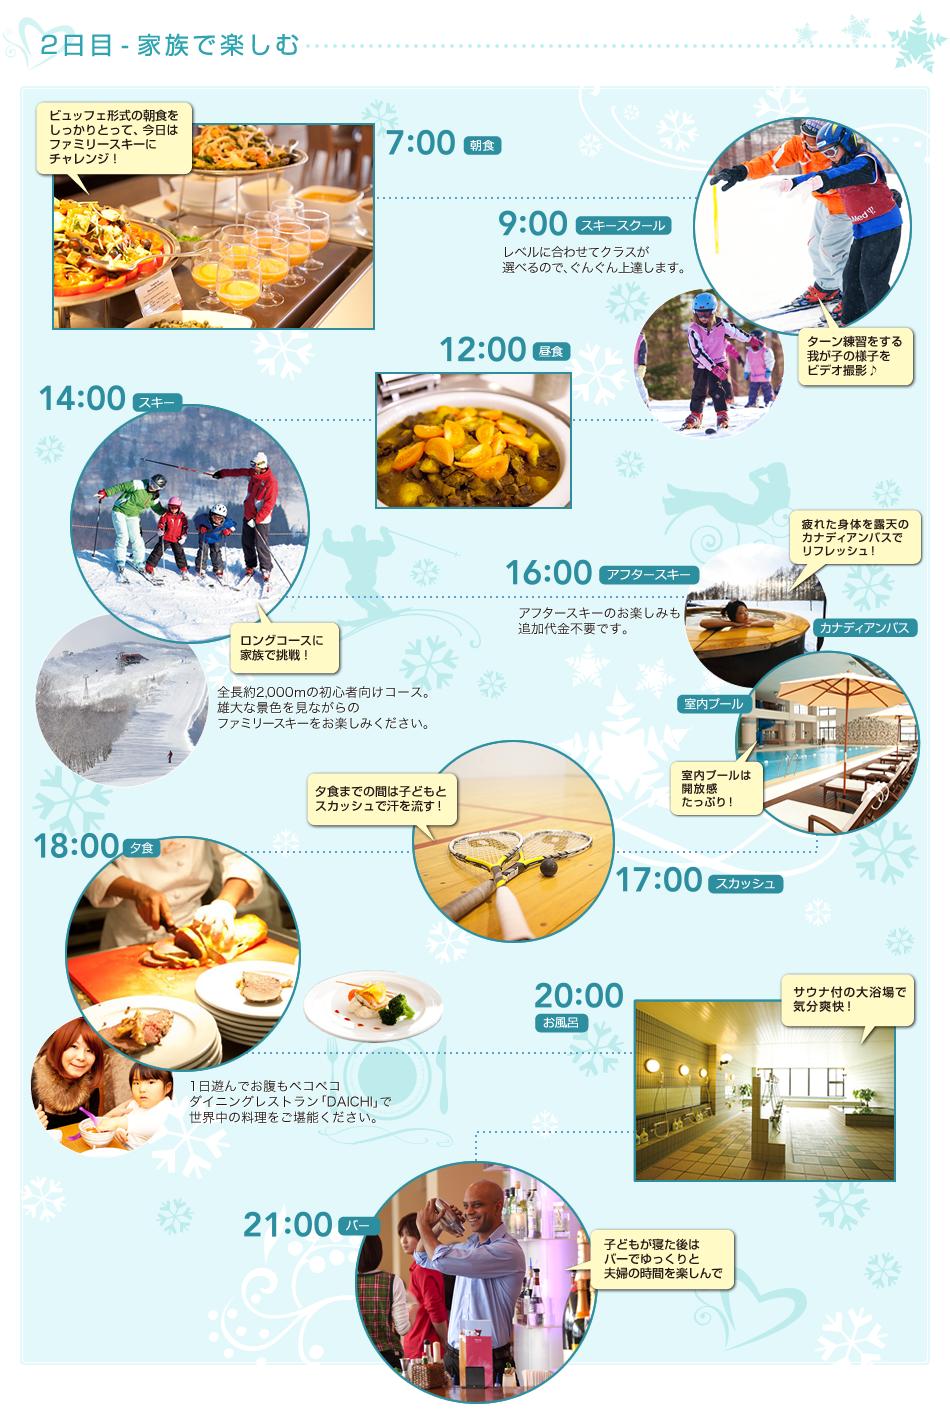 クラブメッド北海道 冬 2日目-家族で楽しむ